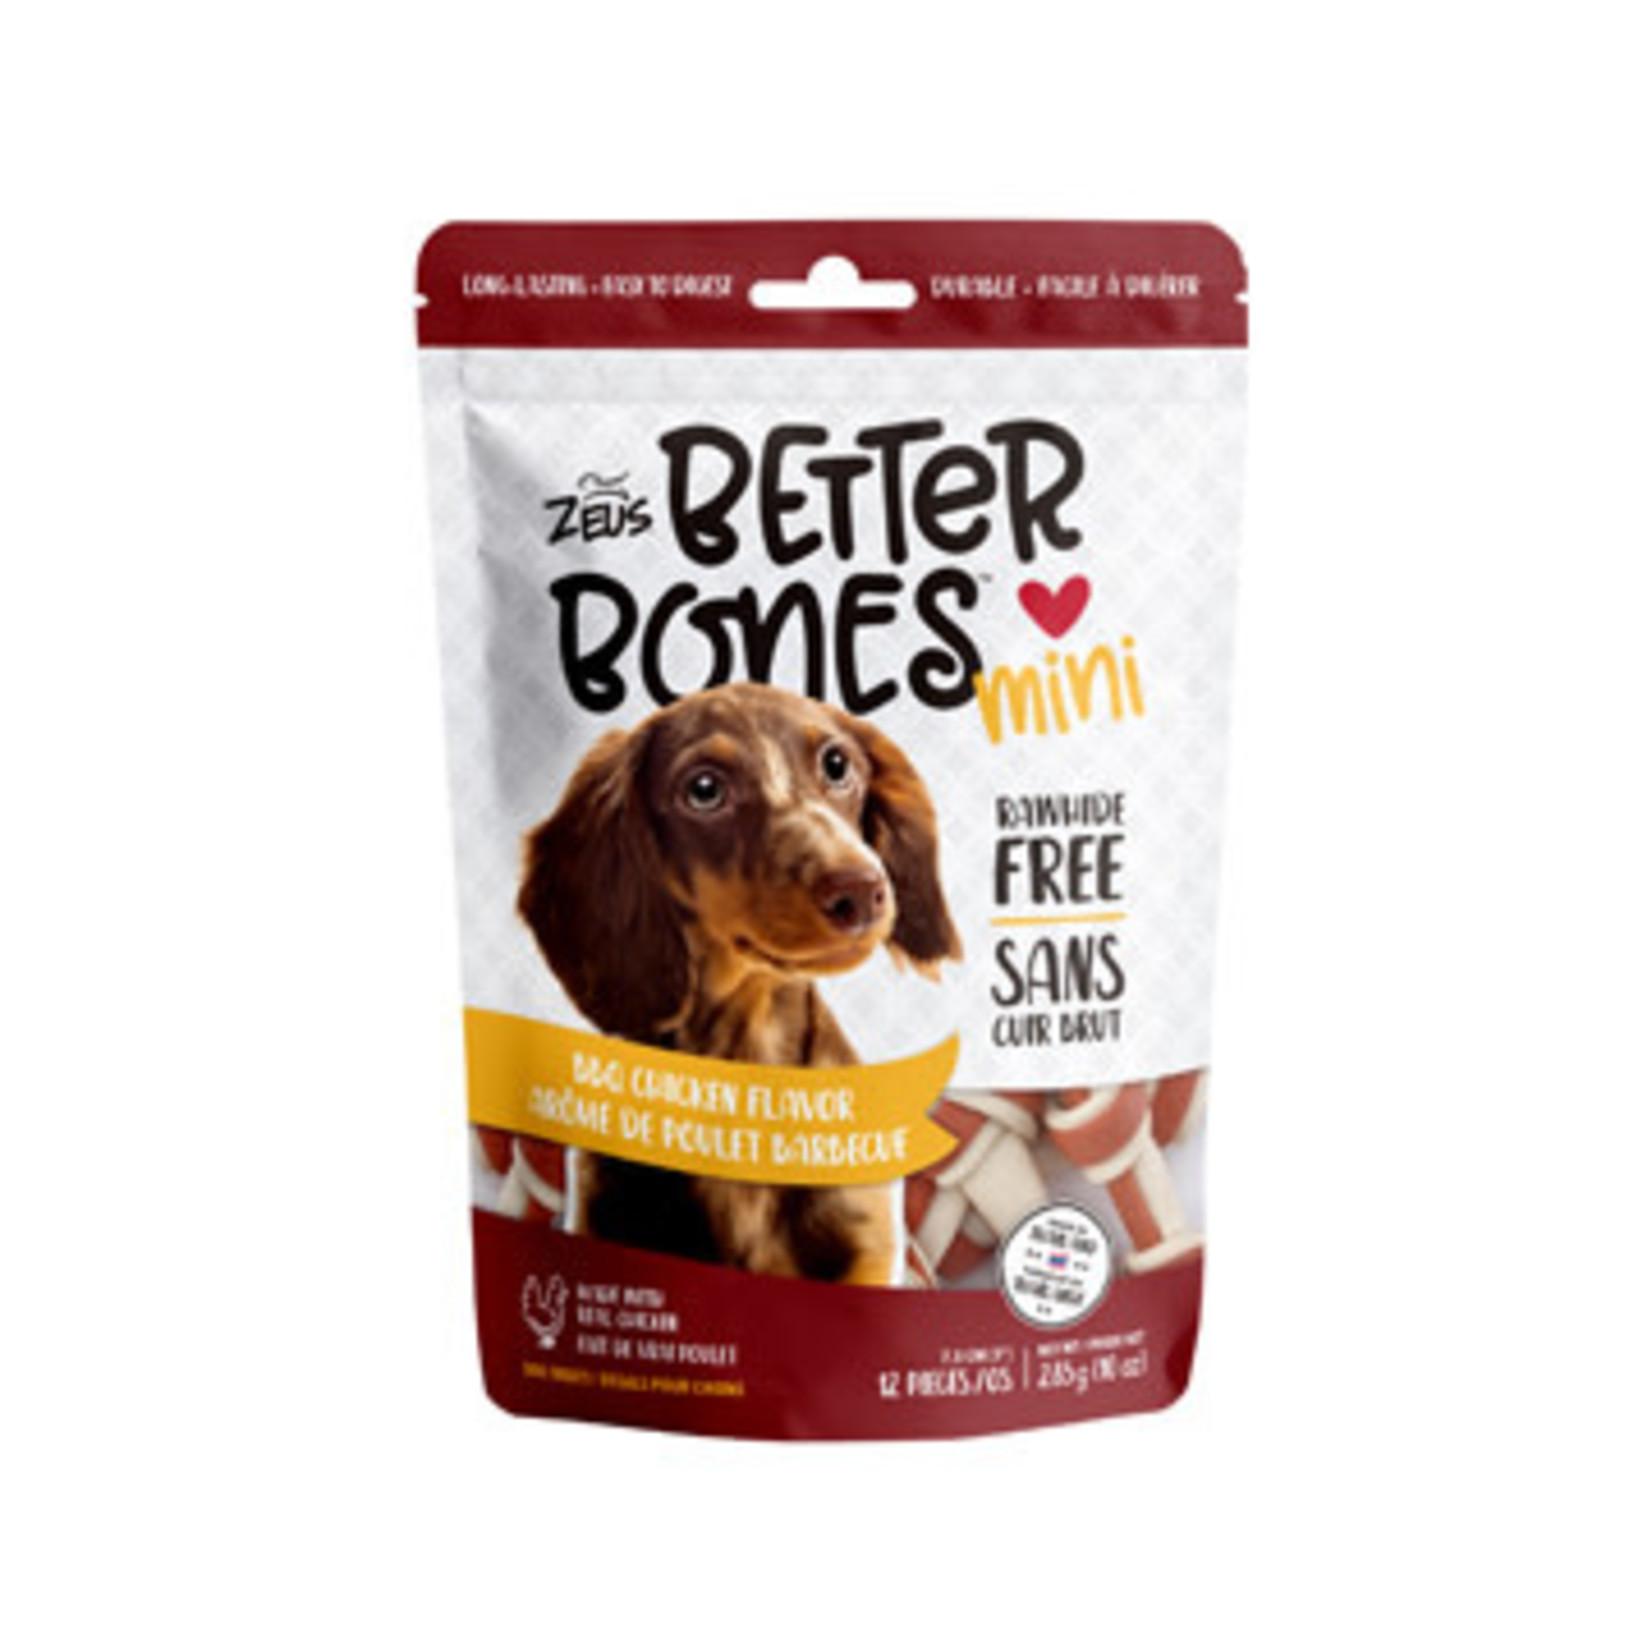 Zeus Better Bones BBQ Chicken 7.5cm 12pk